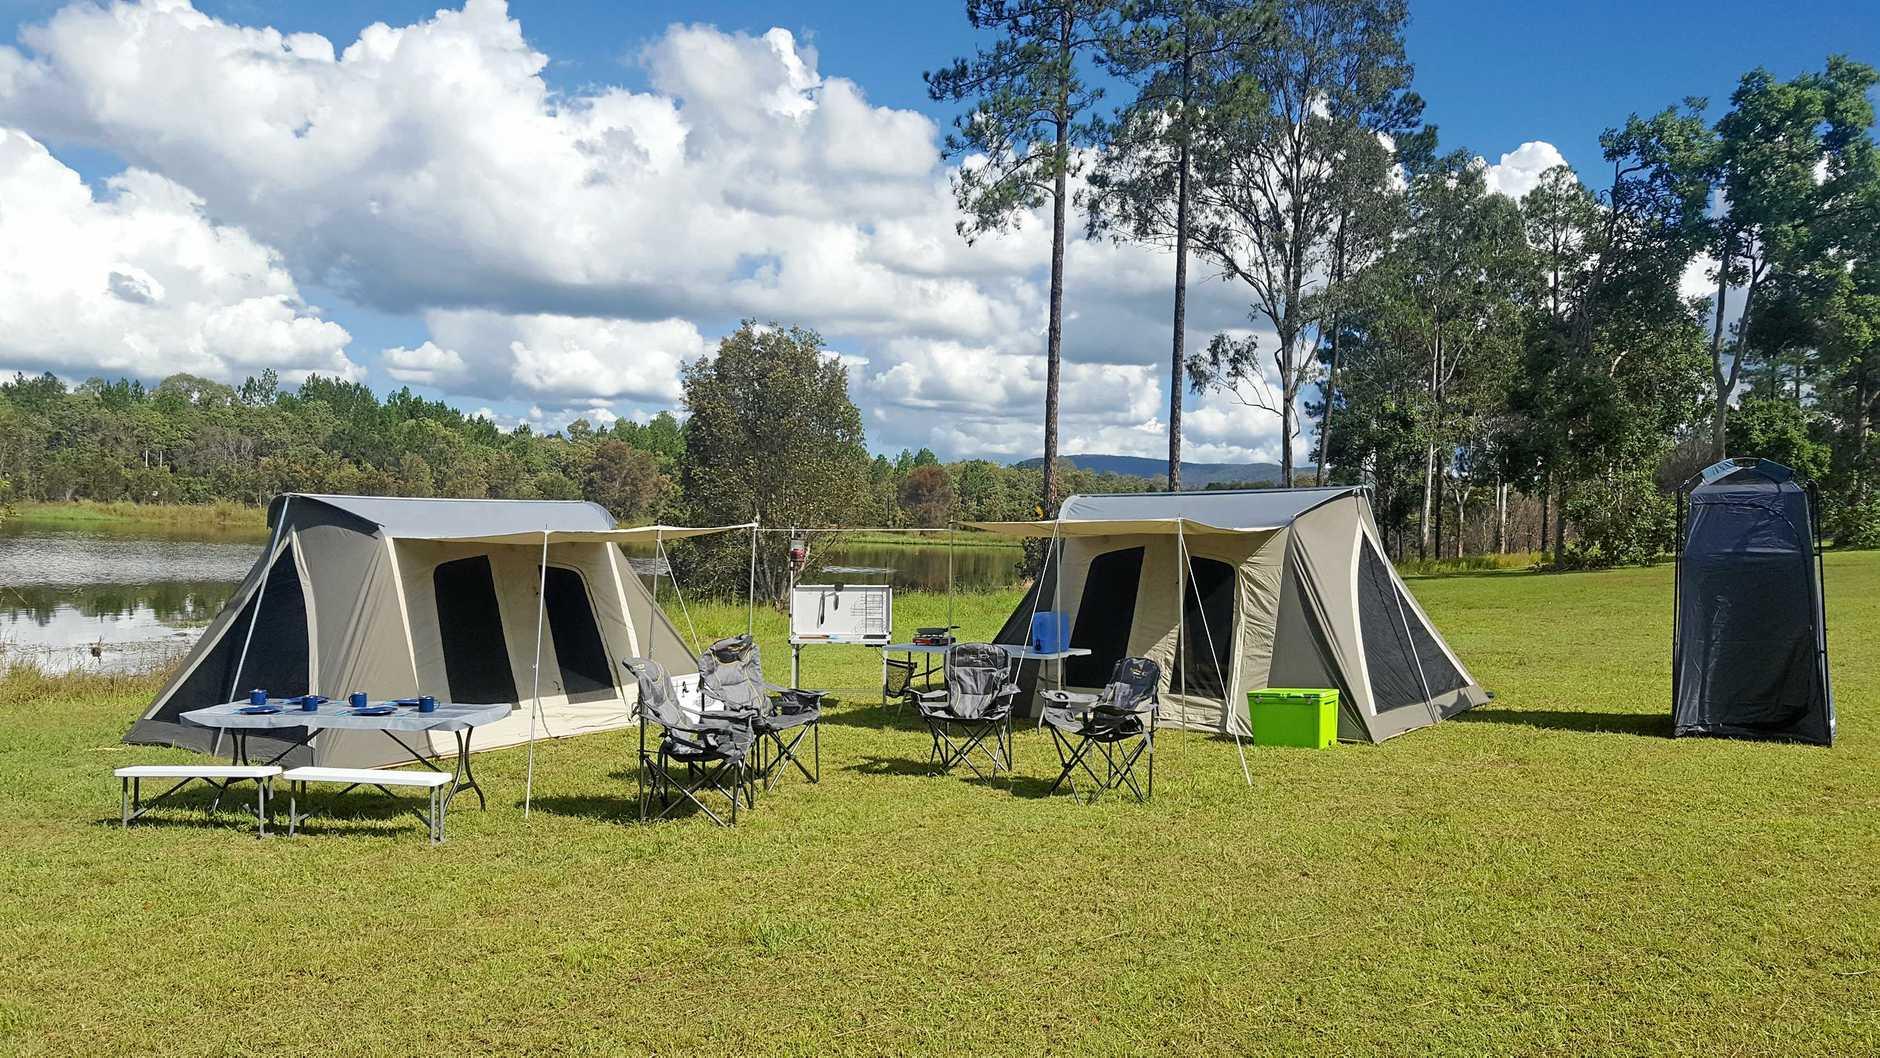 Generic camp site